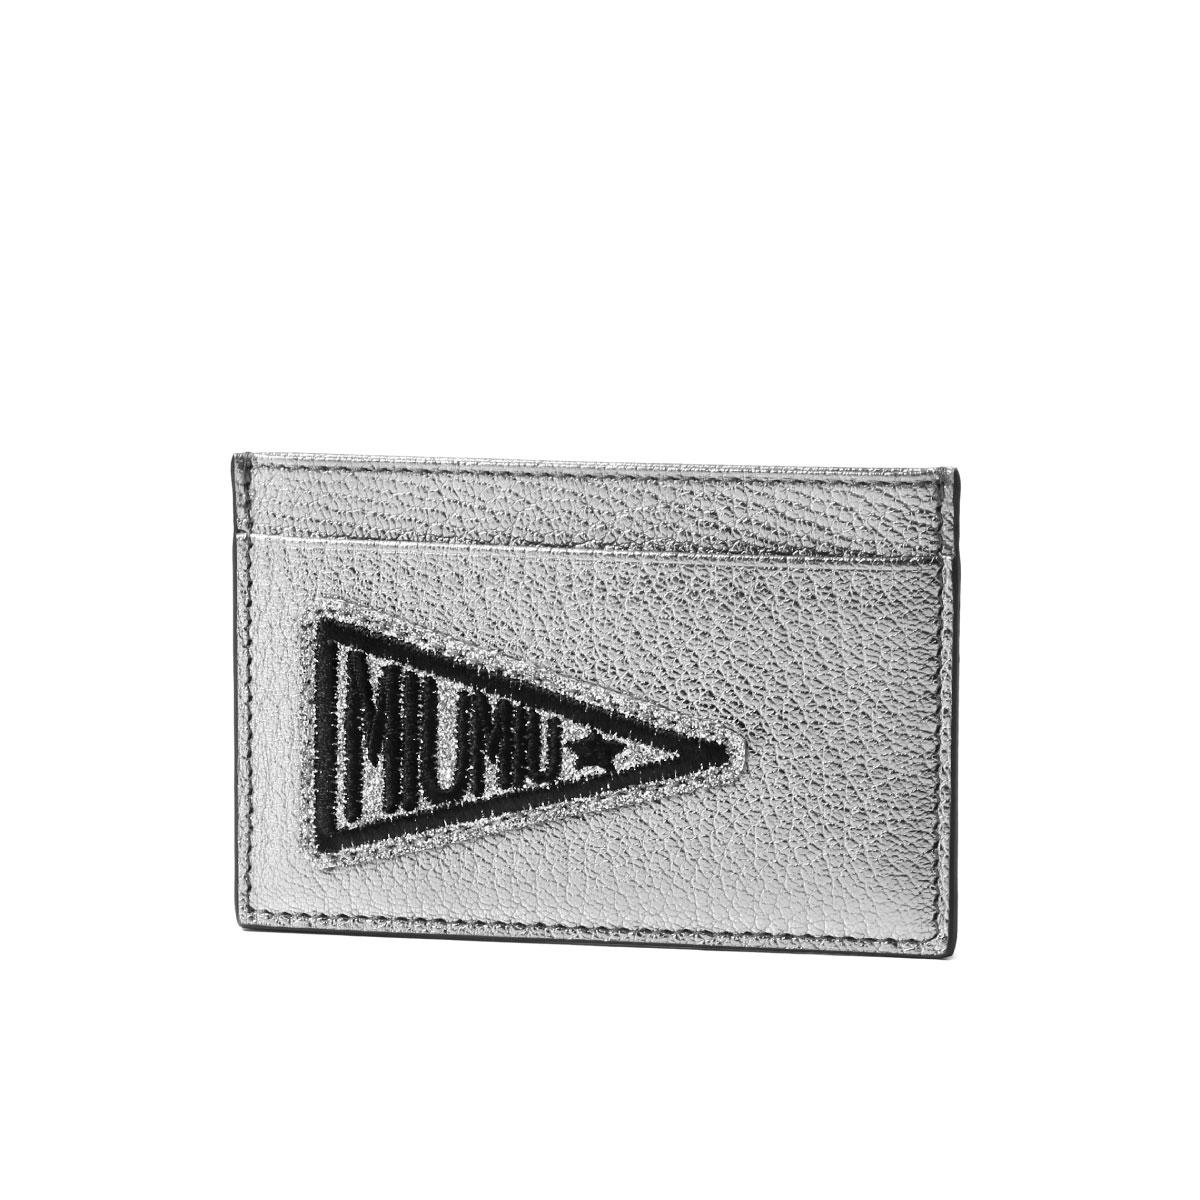 ミュウ ミュウ MIU MIU カードケース レディース 5MC208 2BS6 F0135 MADRAS GLITTER CROMO シルバー